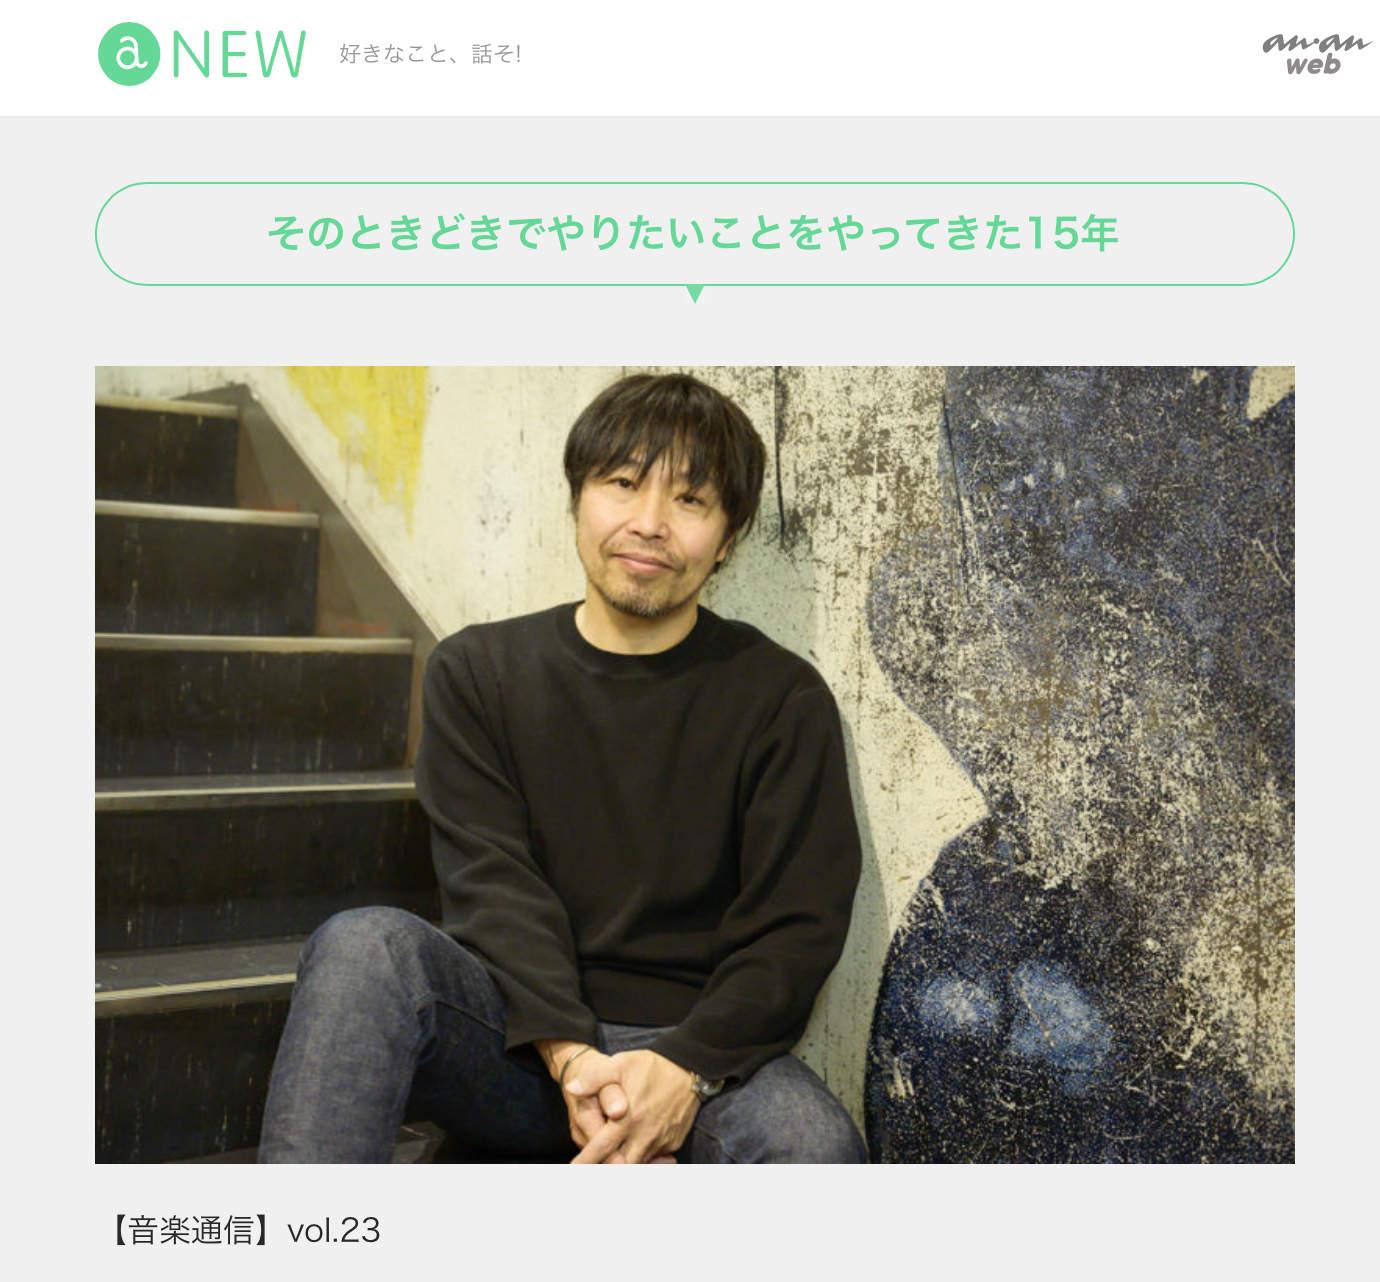 曽我部恵一 webインタビュー掲載情報